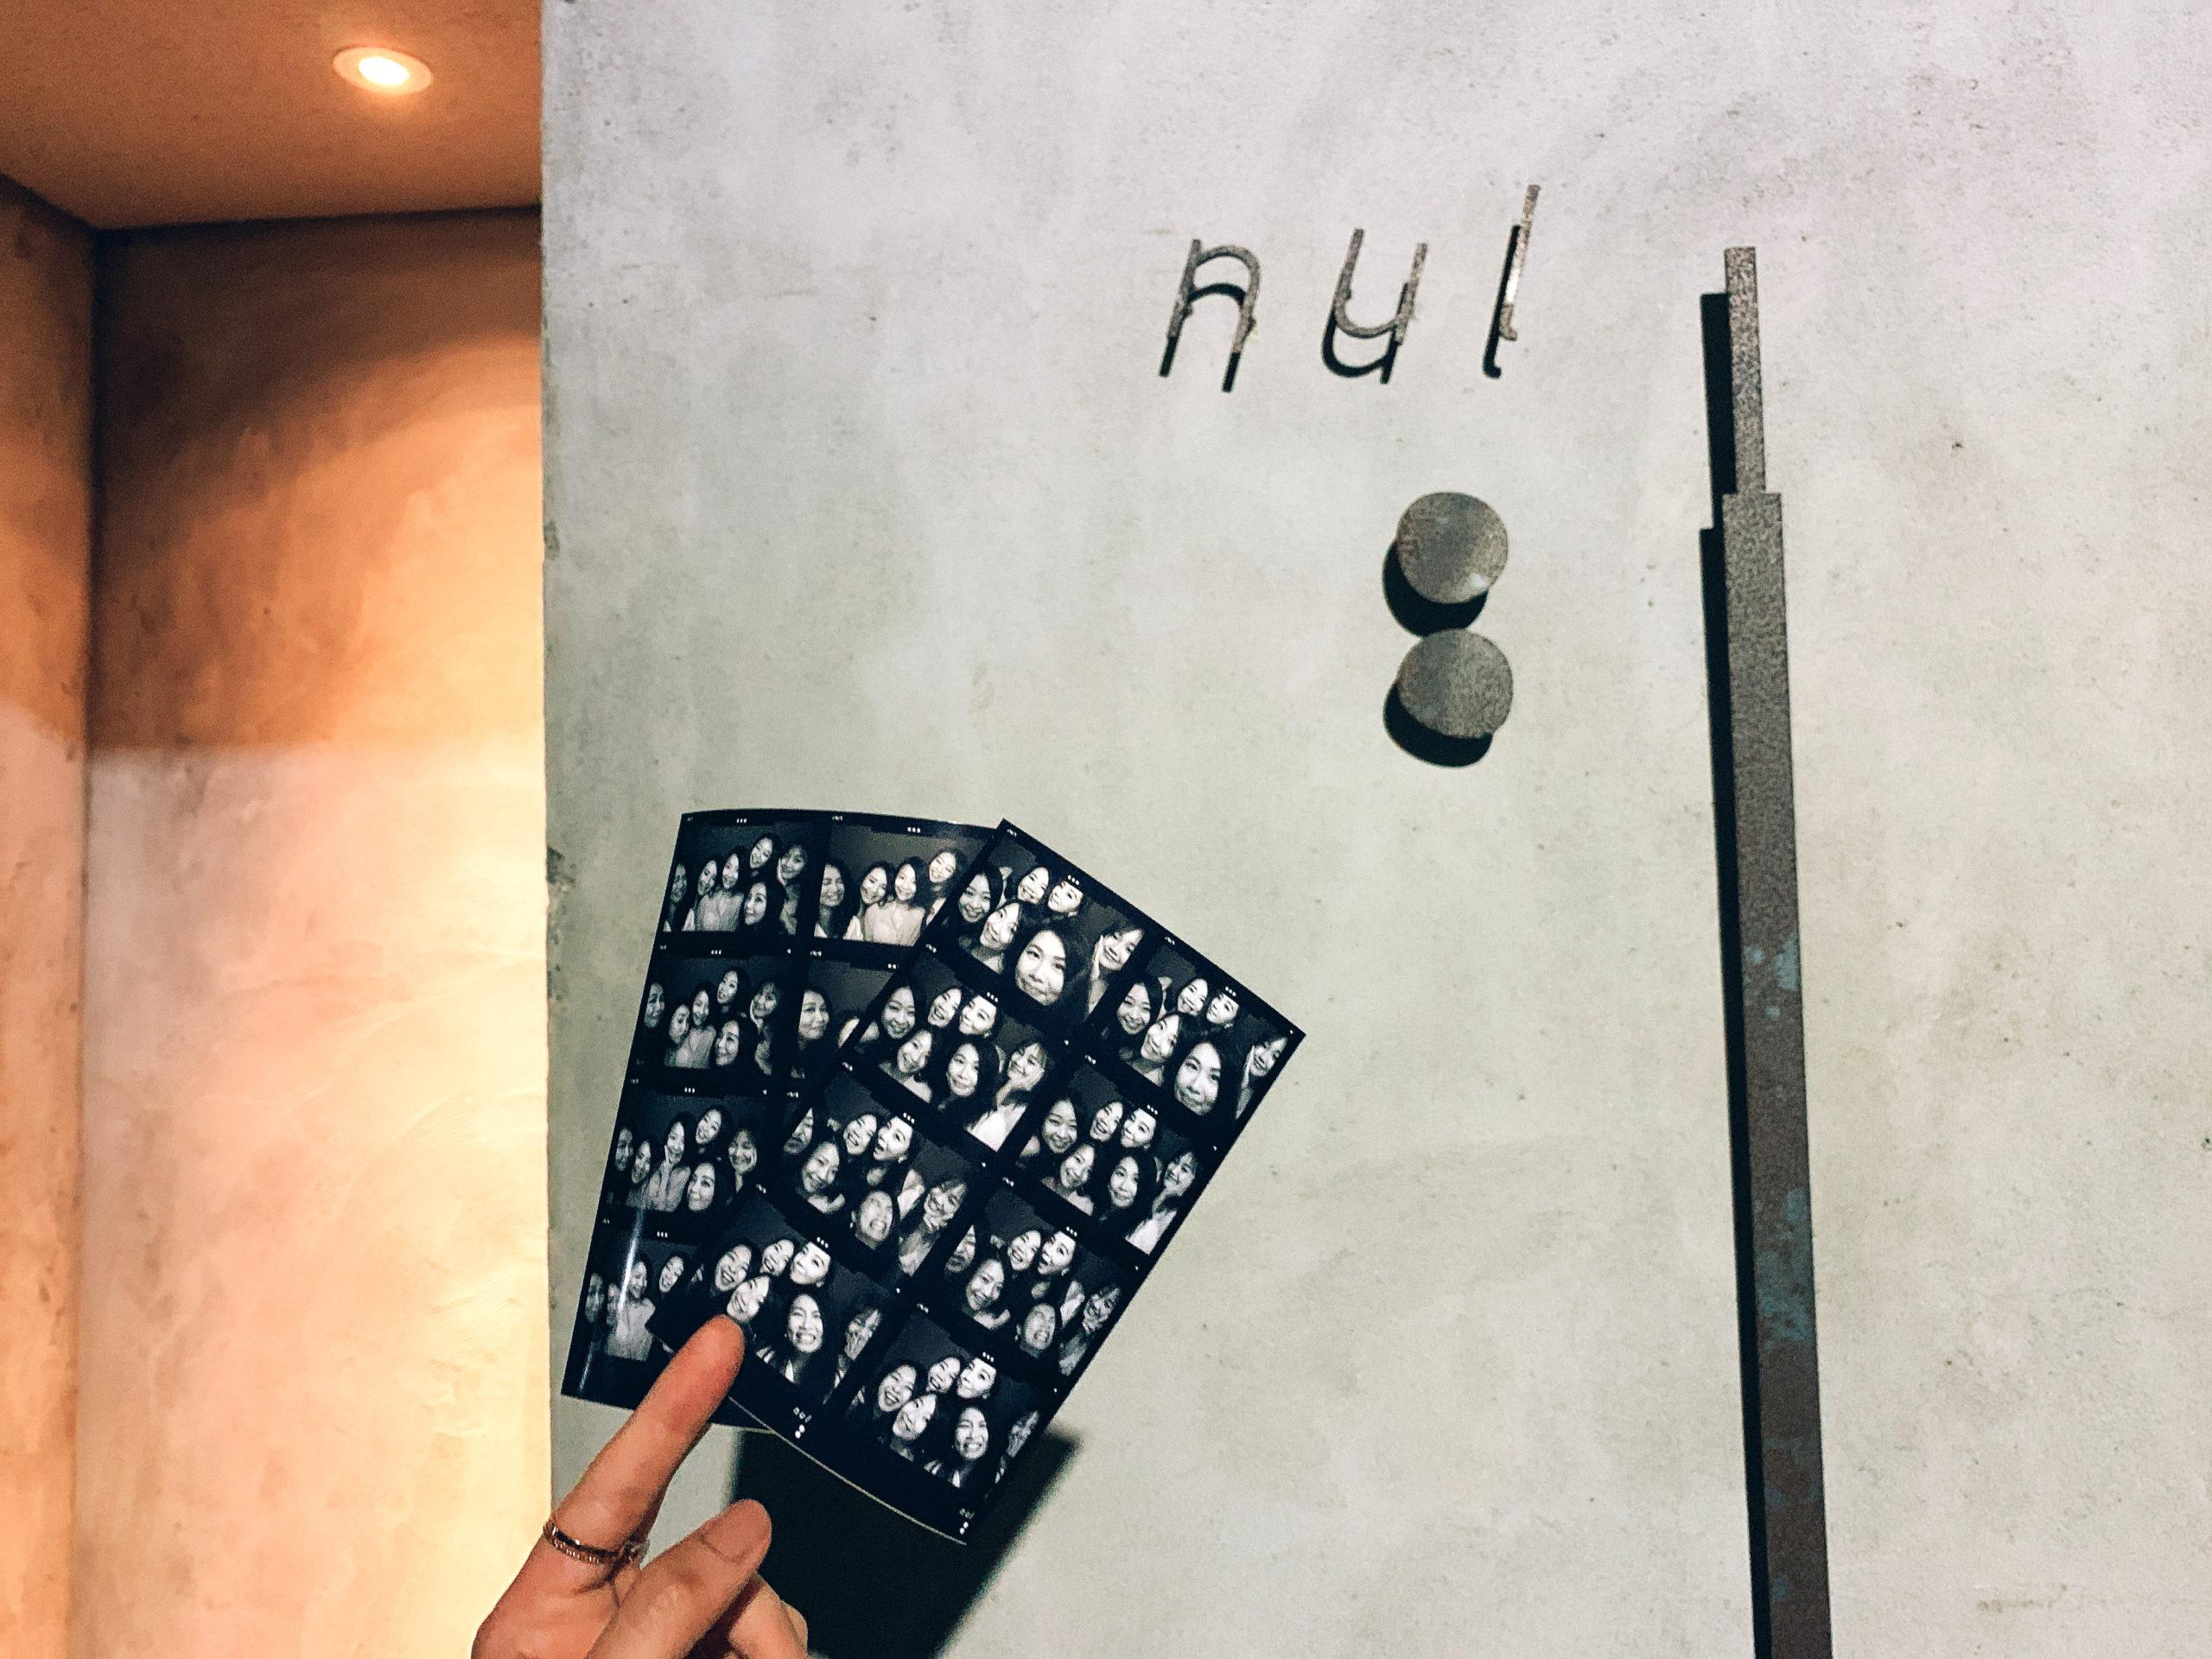 台北大安區|Nul Taipei 餐酒館推薦 8格黑白復古相片機留念